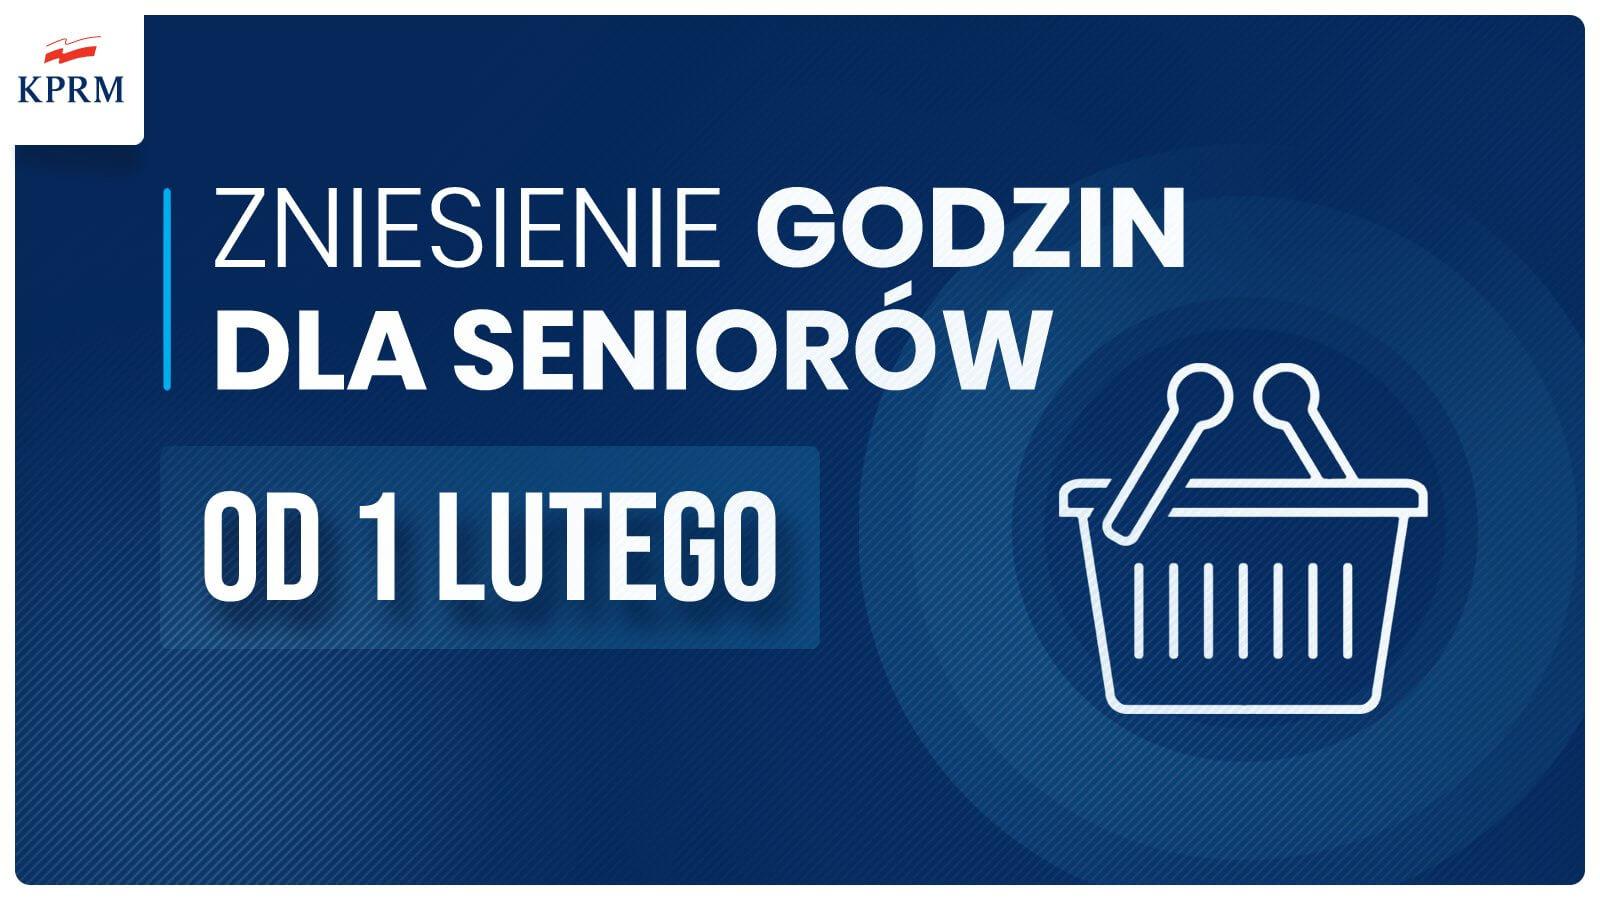 zakupy_seniorow